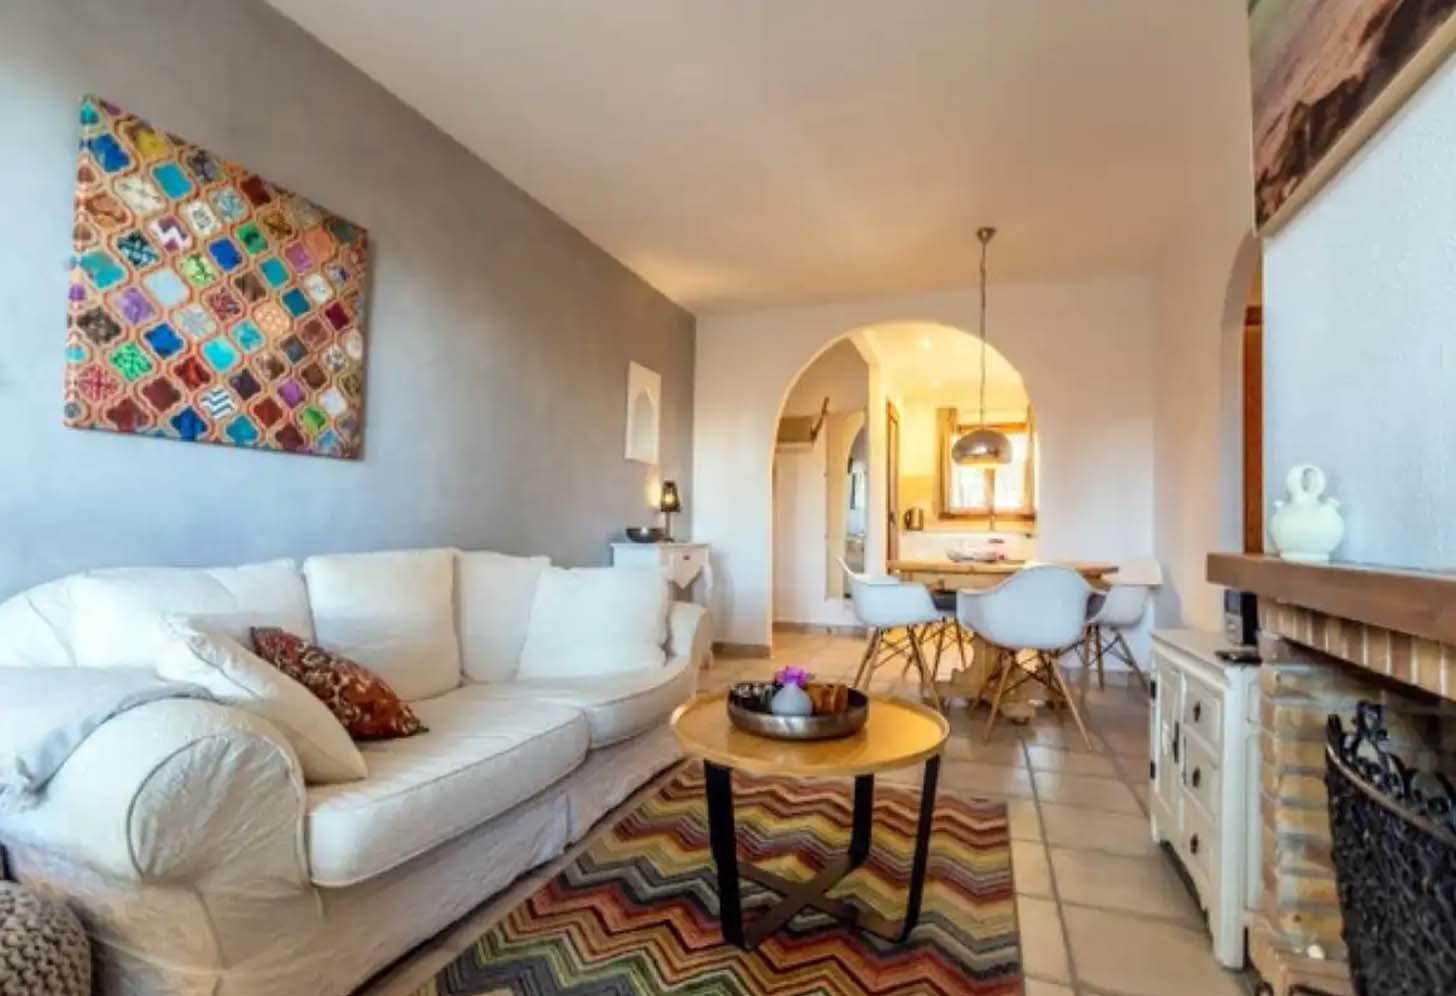 acheter une maison lanucia 002 d1 salon